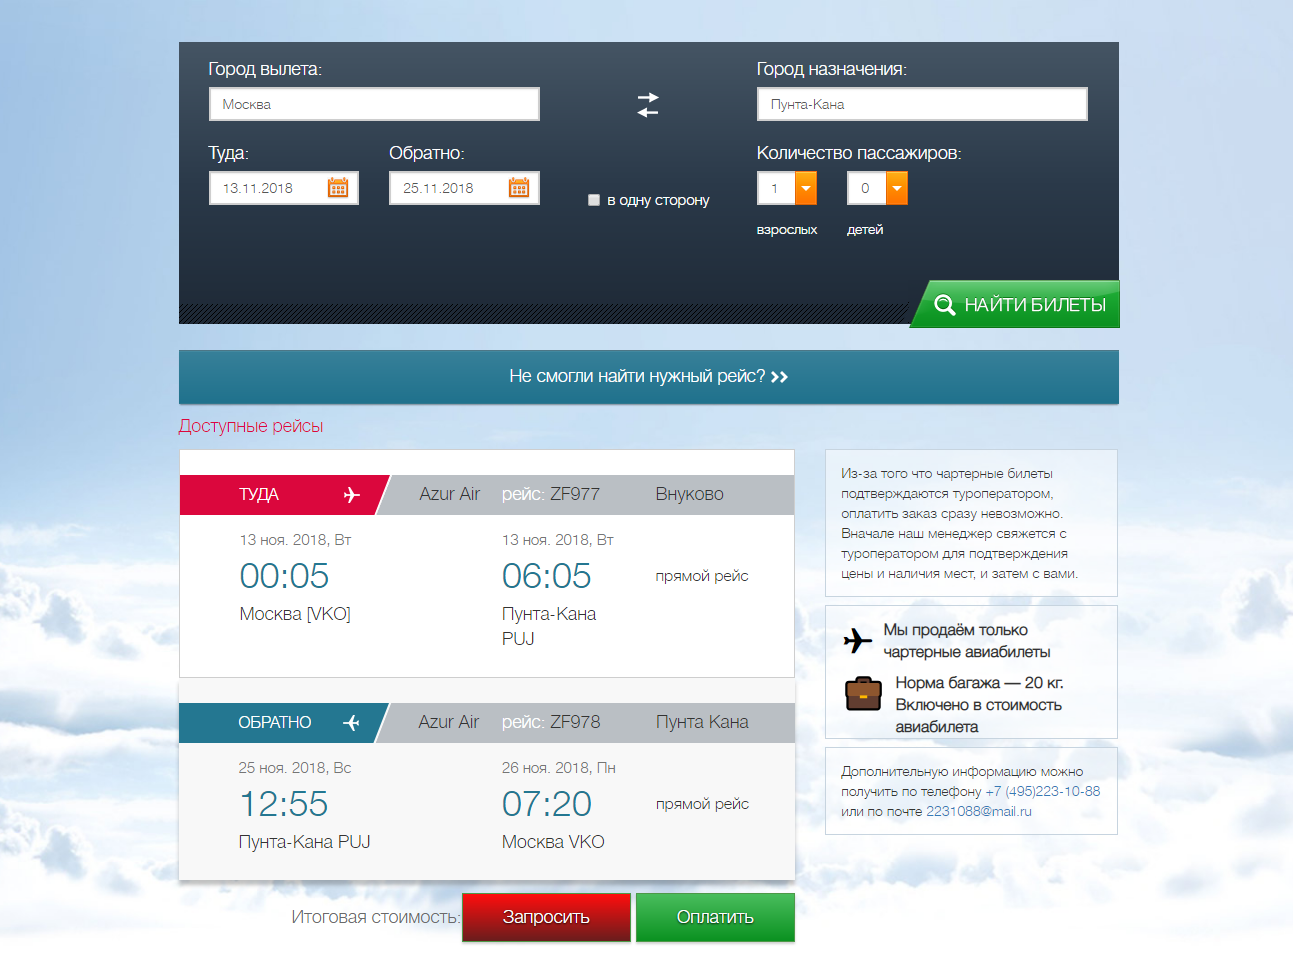 Сервис поиска и покупки чартерных авиабилетов